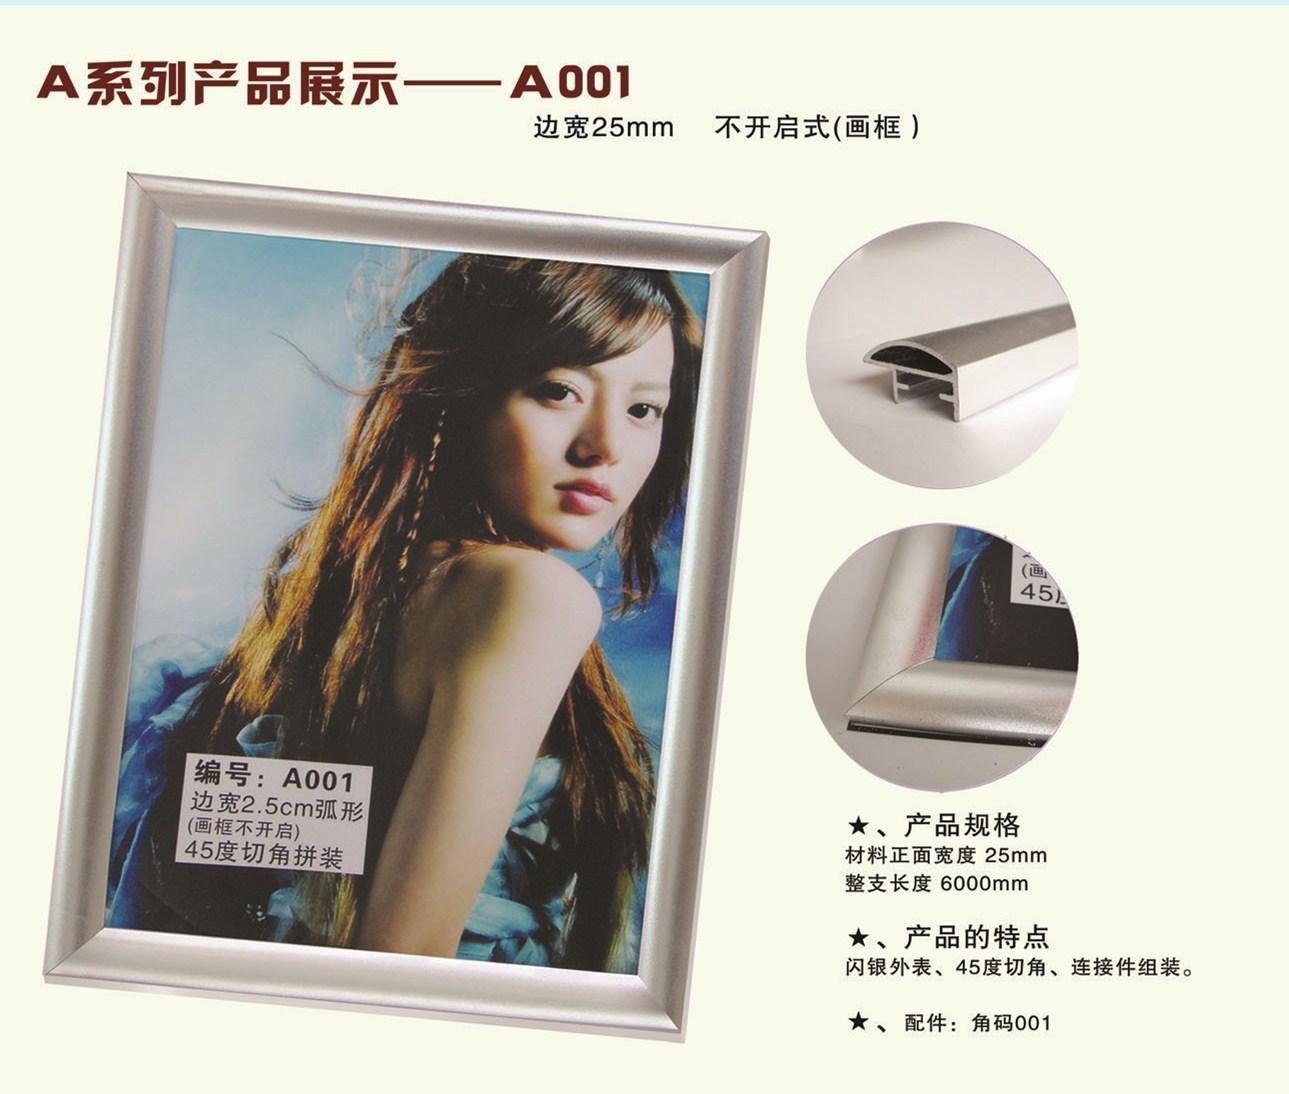 铝合金相框定制不开启式灯箱电梯广告框证照框手机店广告灯箱画框